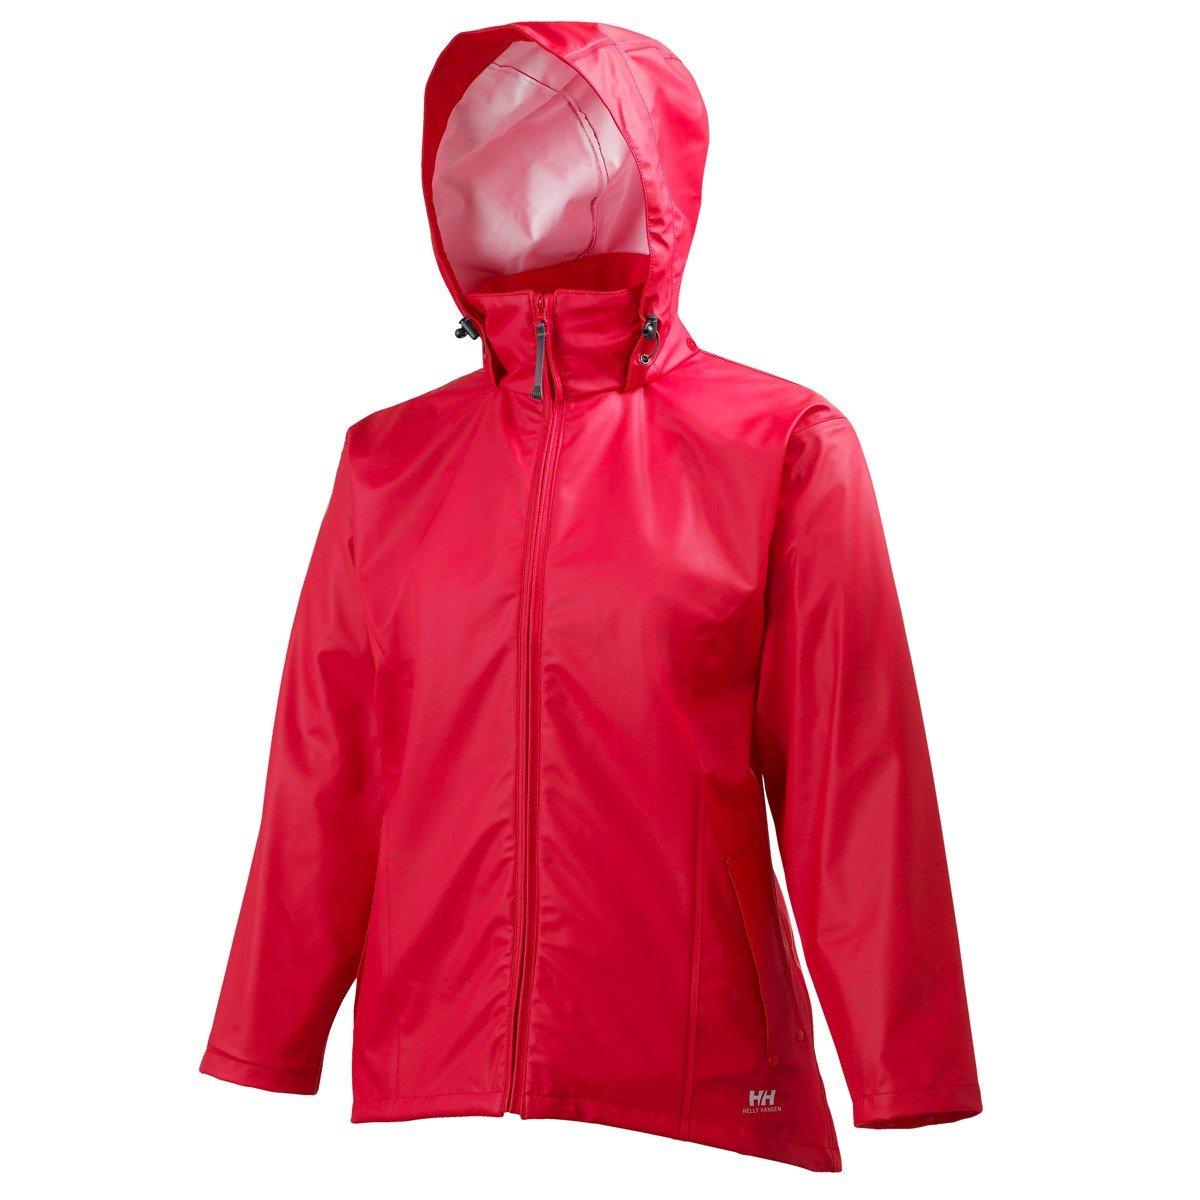 Helly Hansen Women's Voss Windproof Waterproof Rain Jacket, 130 Buzzaw, Large